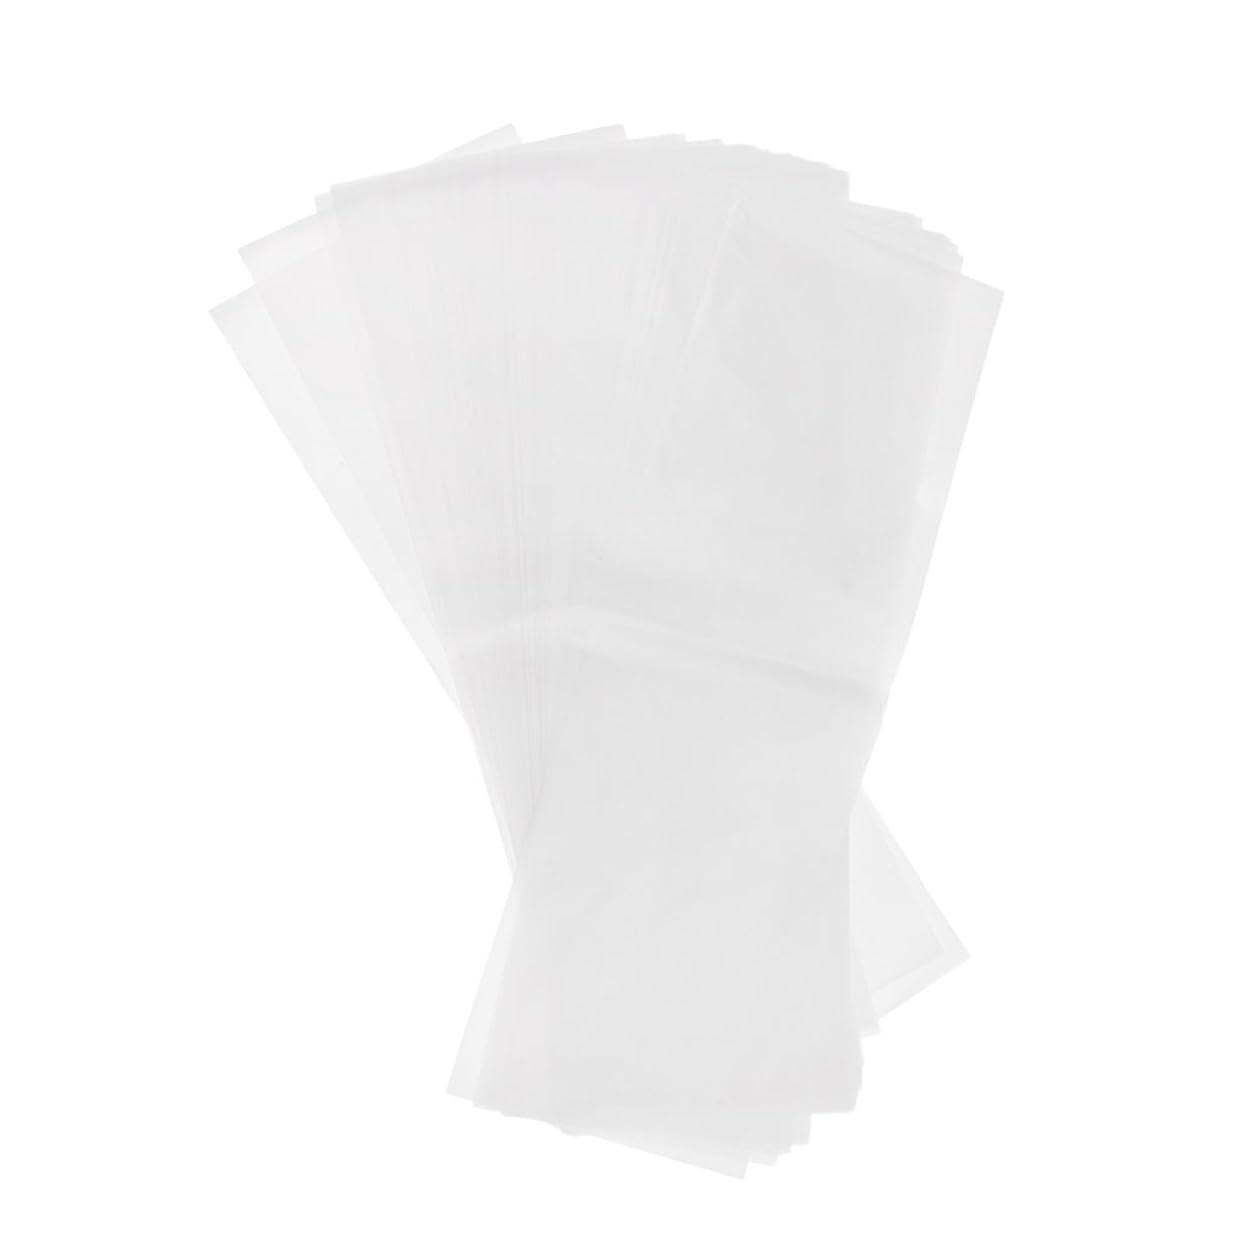 原告登録する田舎者B Baosity 約100個 ヘアカラー ハイライトシート プラスチック製 白い 約35x11.8cm